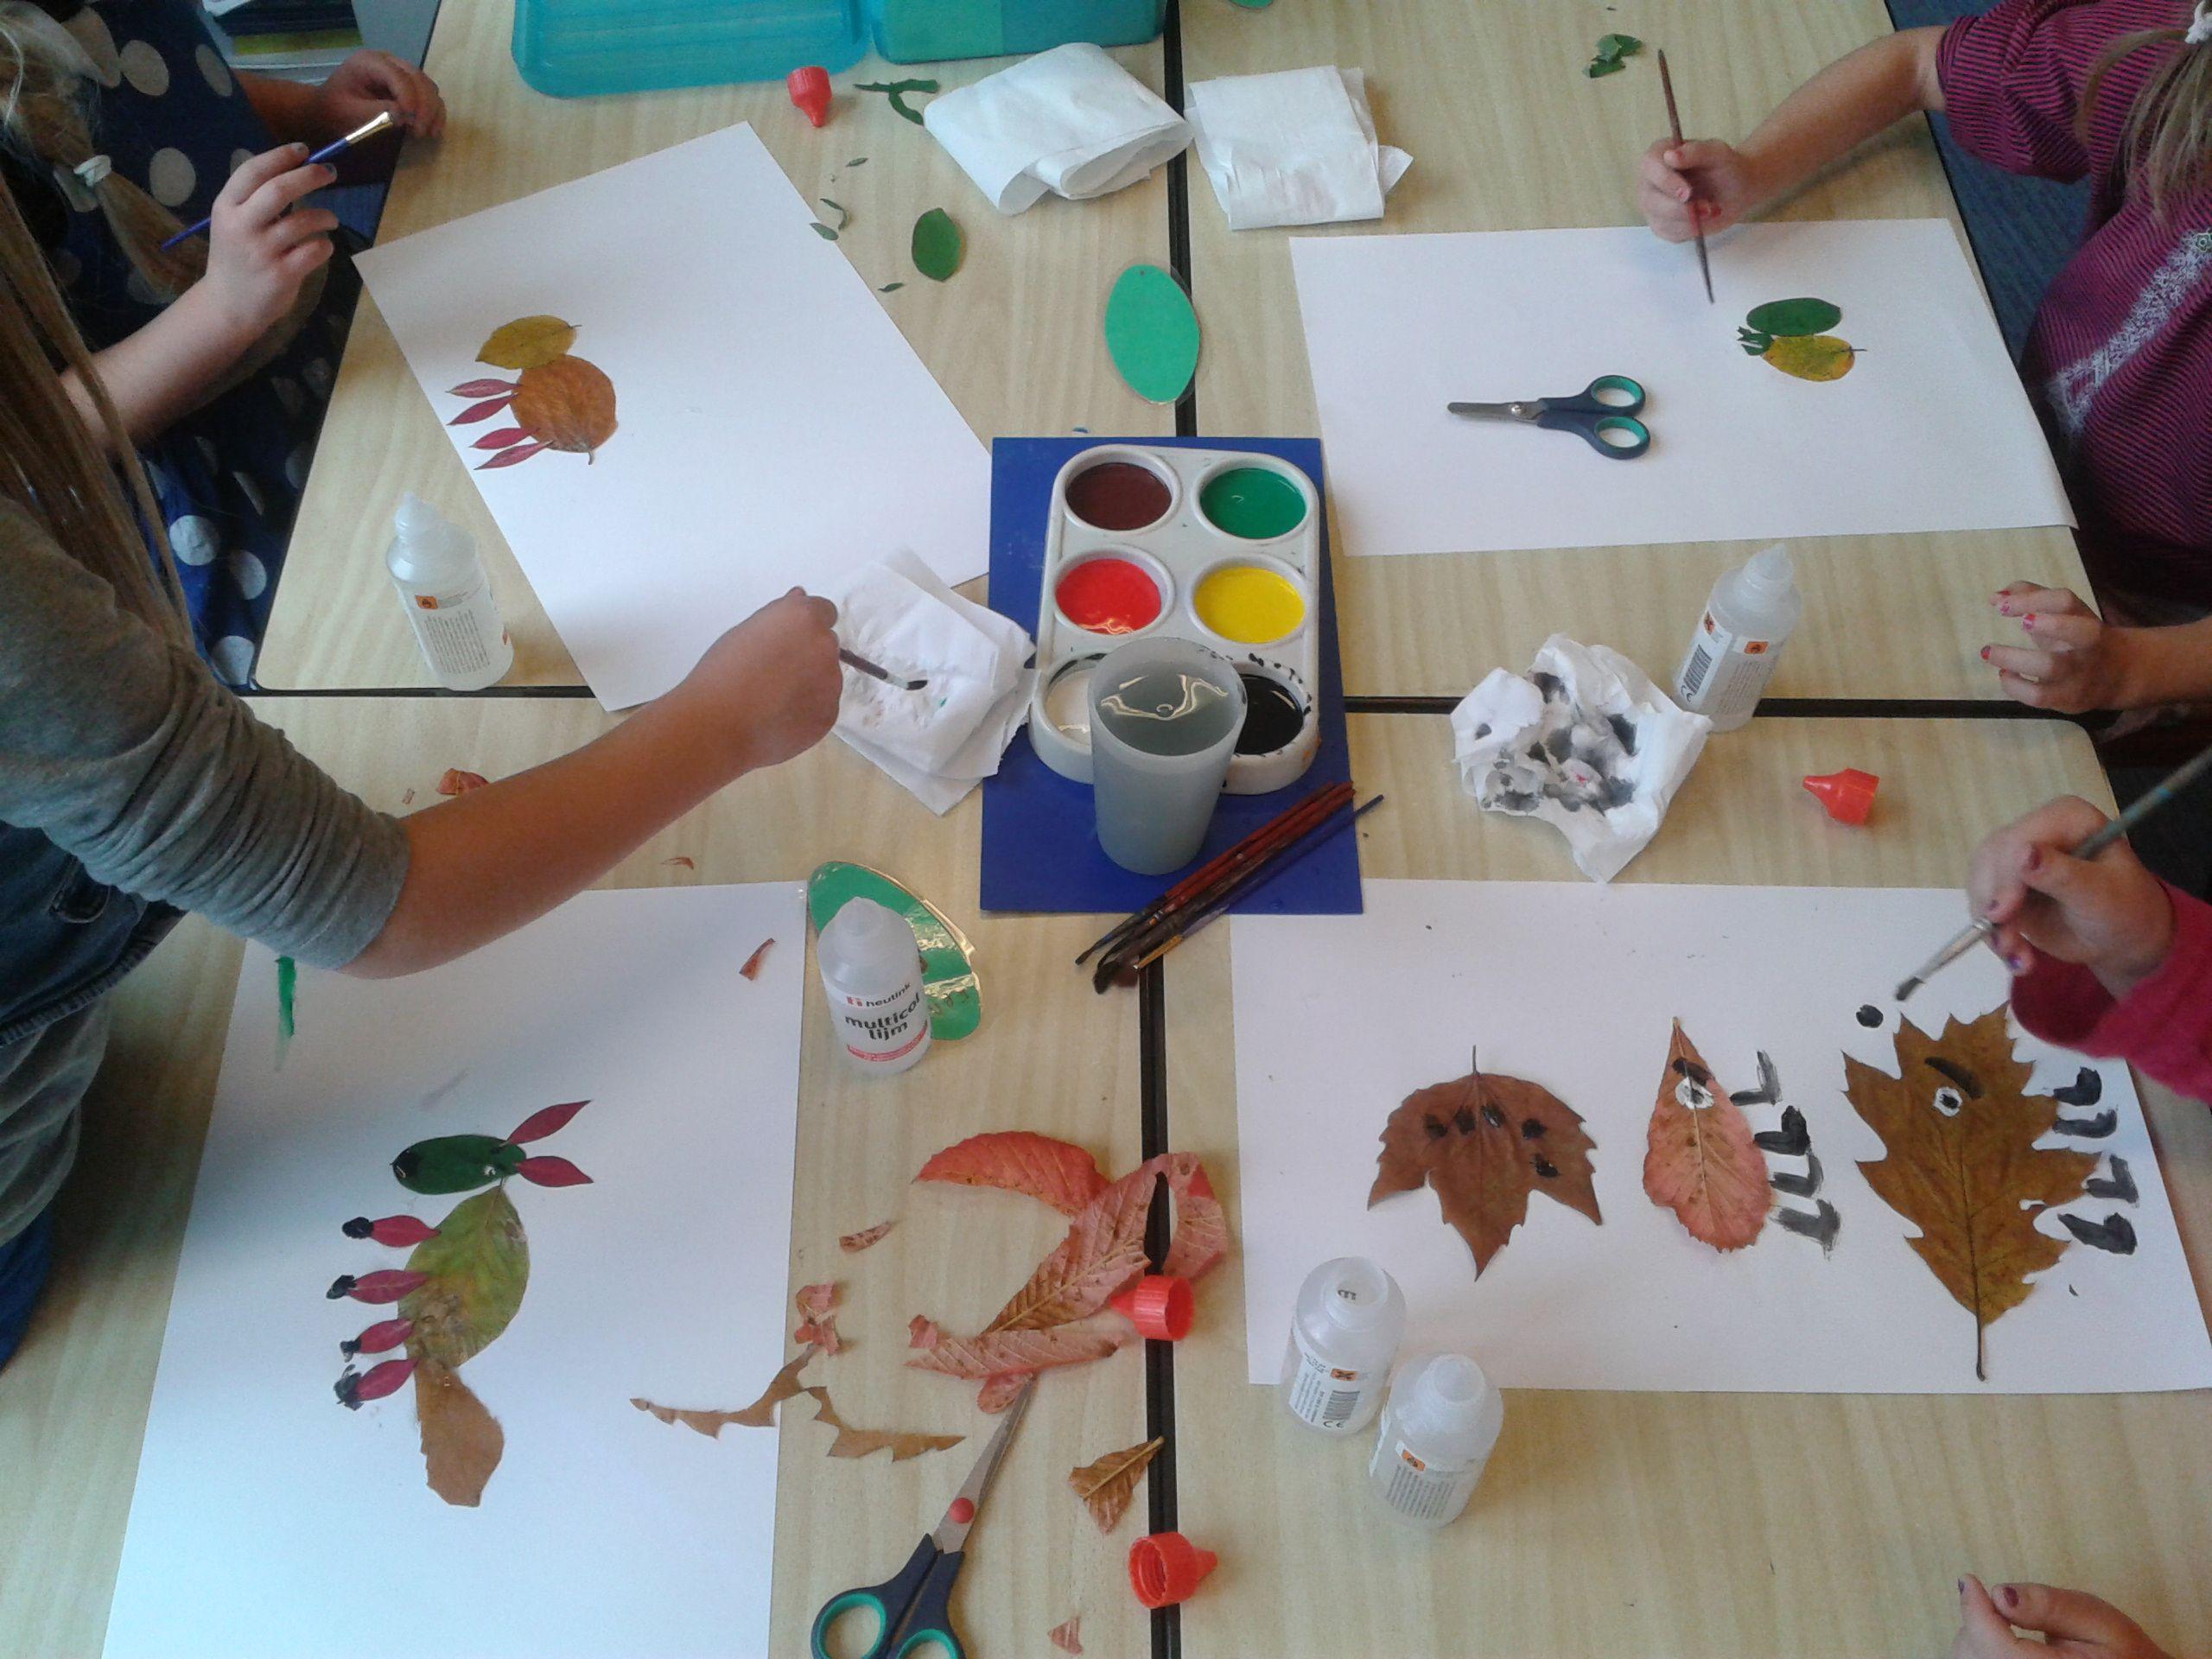 Quatang Gallery- Afe5f3ea988942d52b8f2591b4e88da1 Jpg Jpeg Afbeelding 2560 1920 Pixels Geschaald 30 Herfst Knutselen Kinderen Herfst Knutselen Kids Crafts